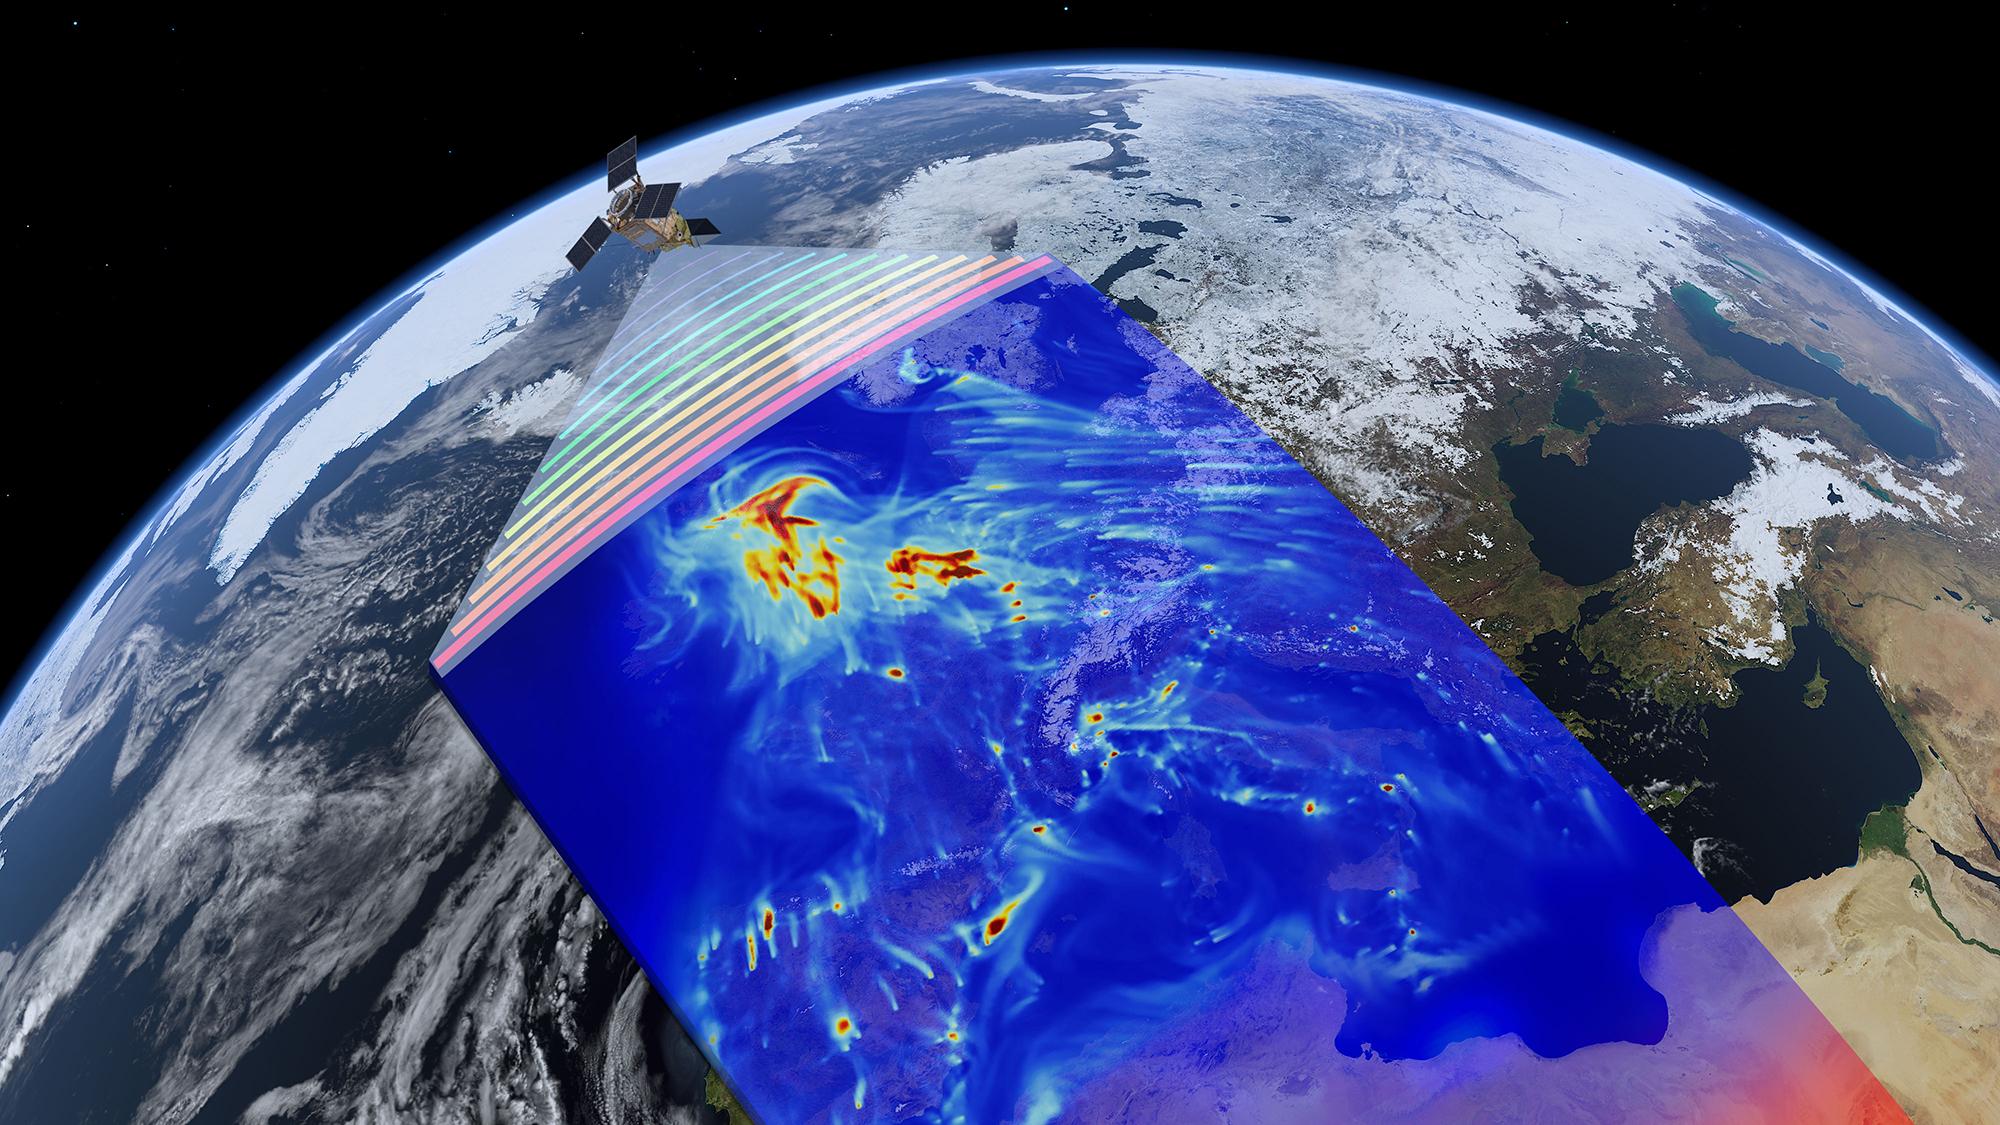 Wo ist die Luft am saubersten? Satellitendaten helfen Atmos bei der Analyse © ESAATG-medialab